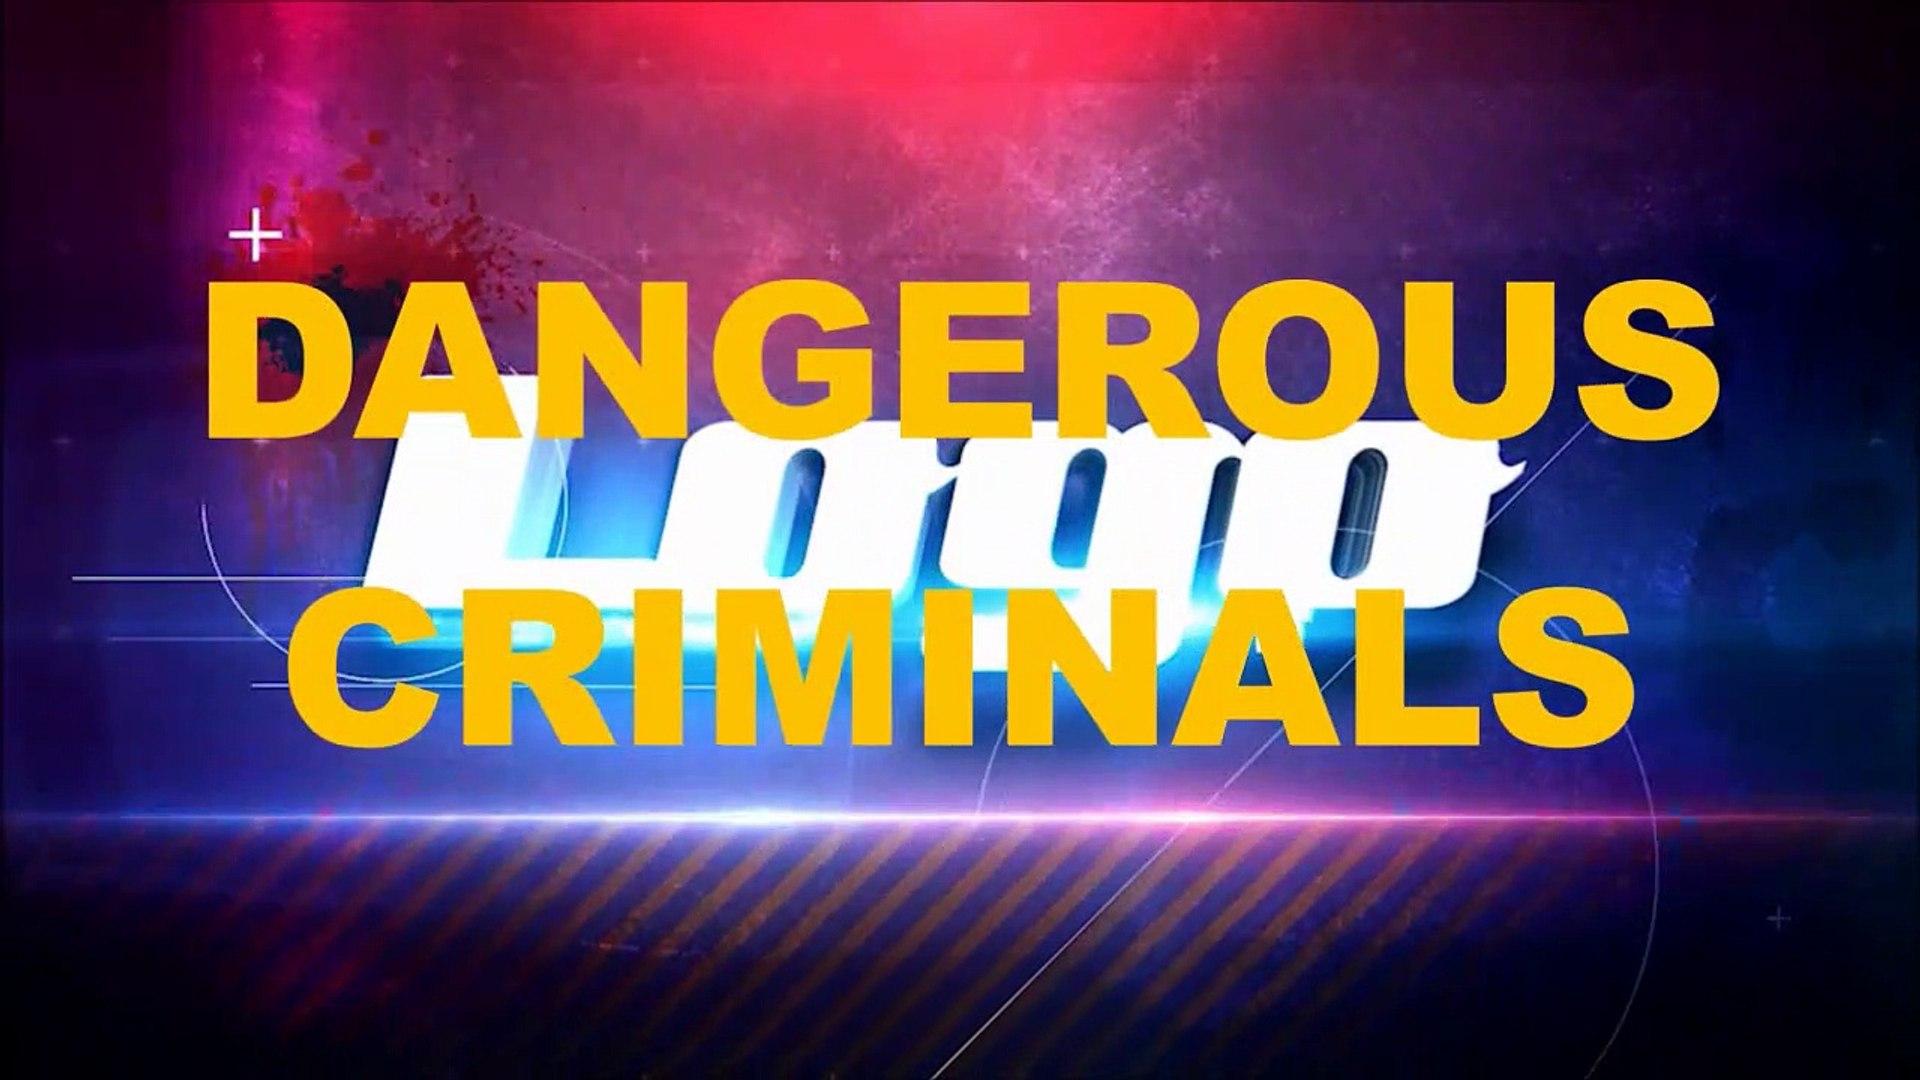 Dangerous Criminals Axl Rose the Guns N' Roses Frontman Testifies at the Steven Adler Trial 1993